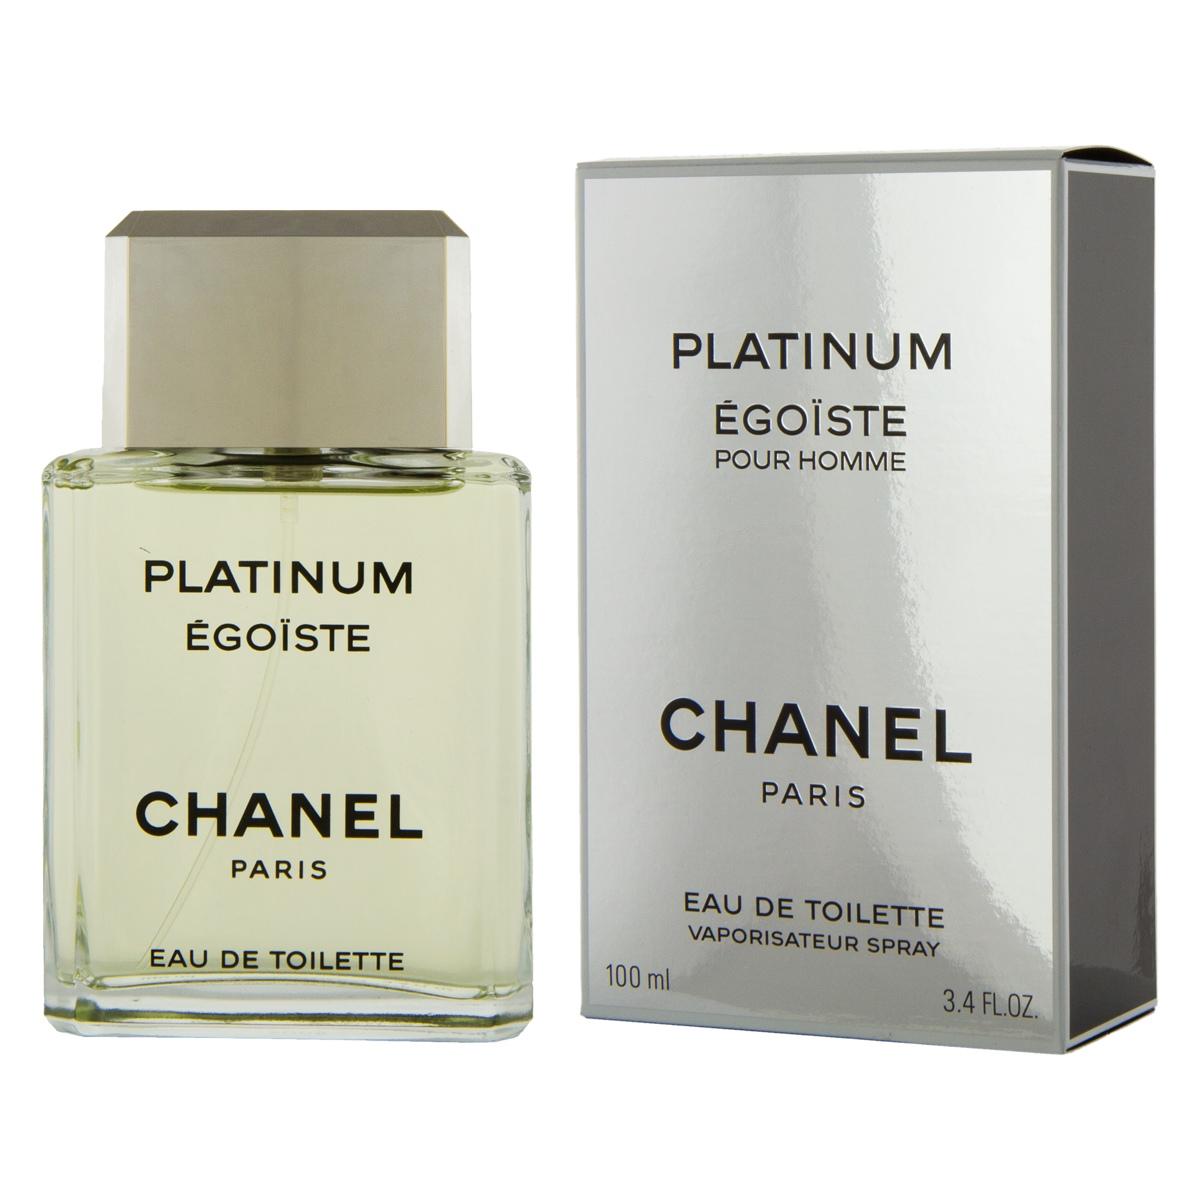 Chanel Egoiste Platinum Pour Homme Eau De Toilette 100 ml (man) 36780